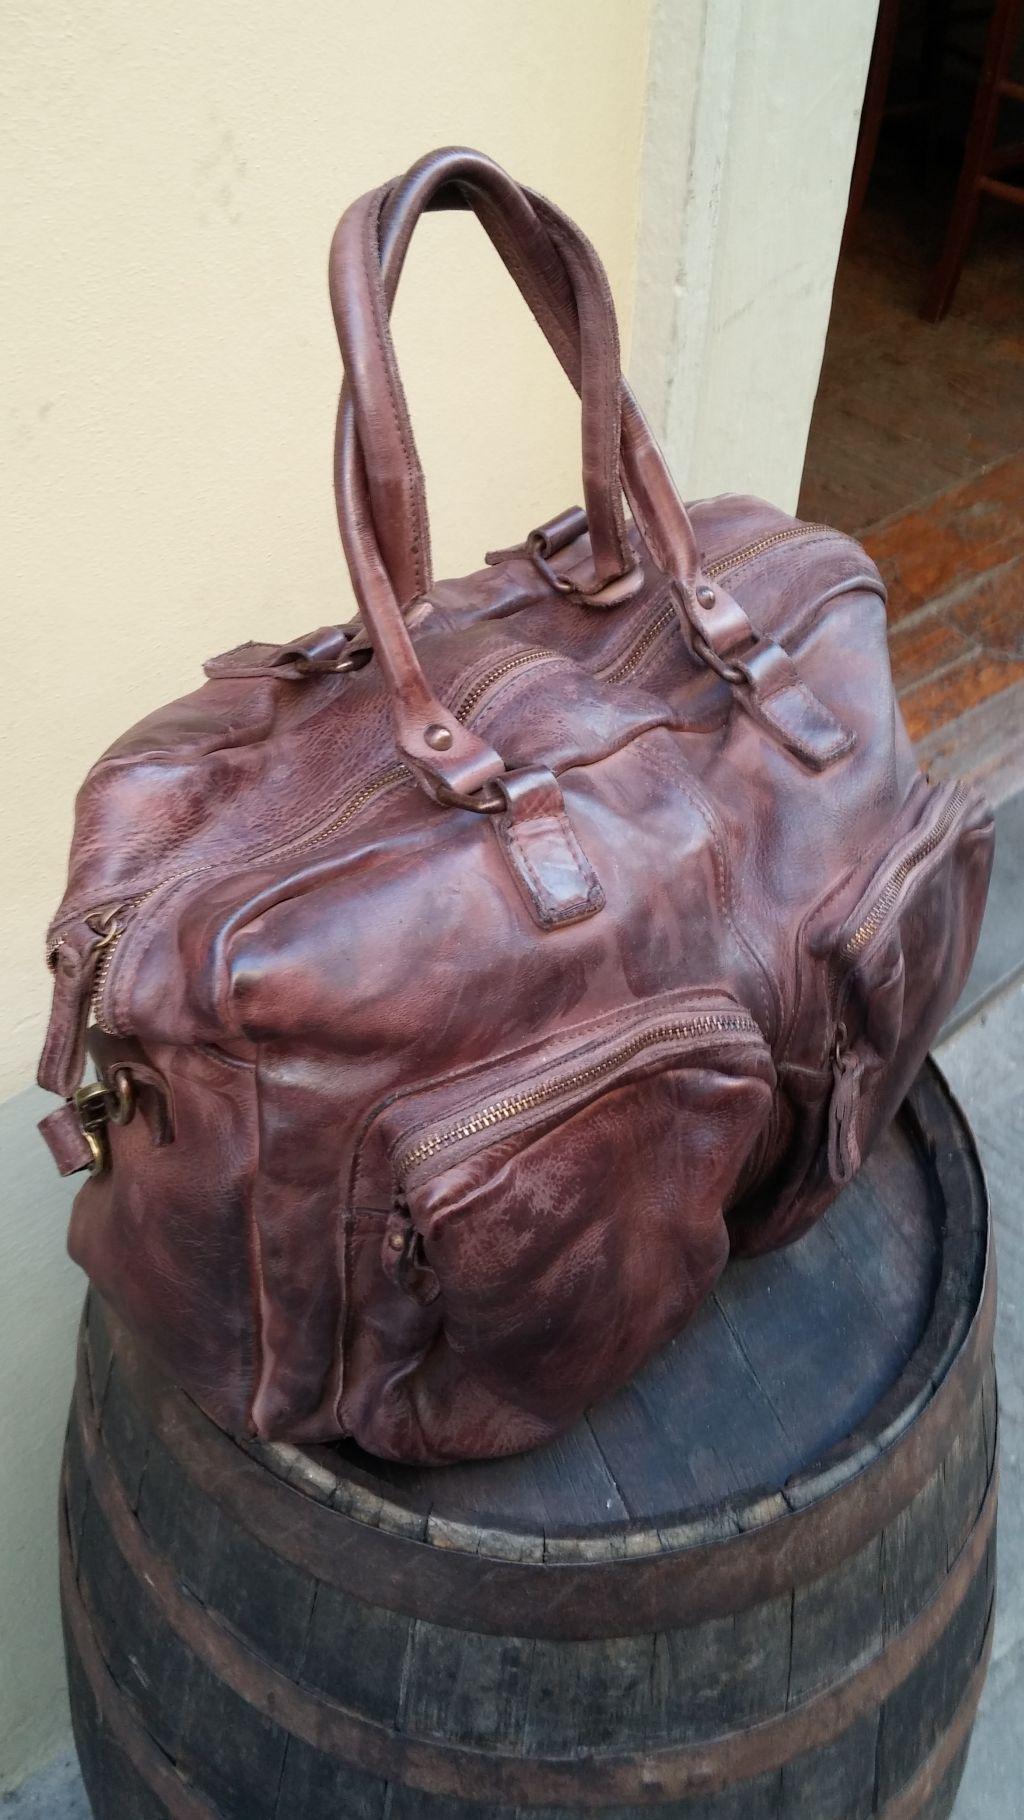 FL3012-borsone-travel-viaggio-due-tasche-2